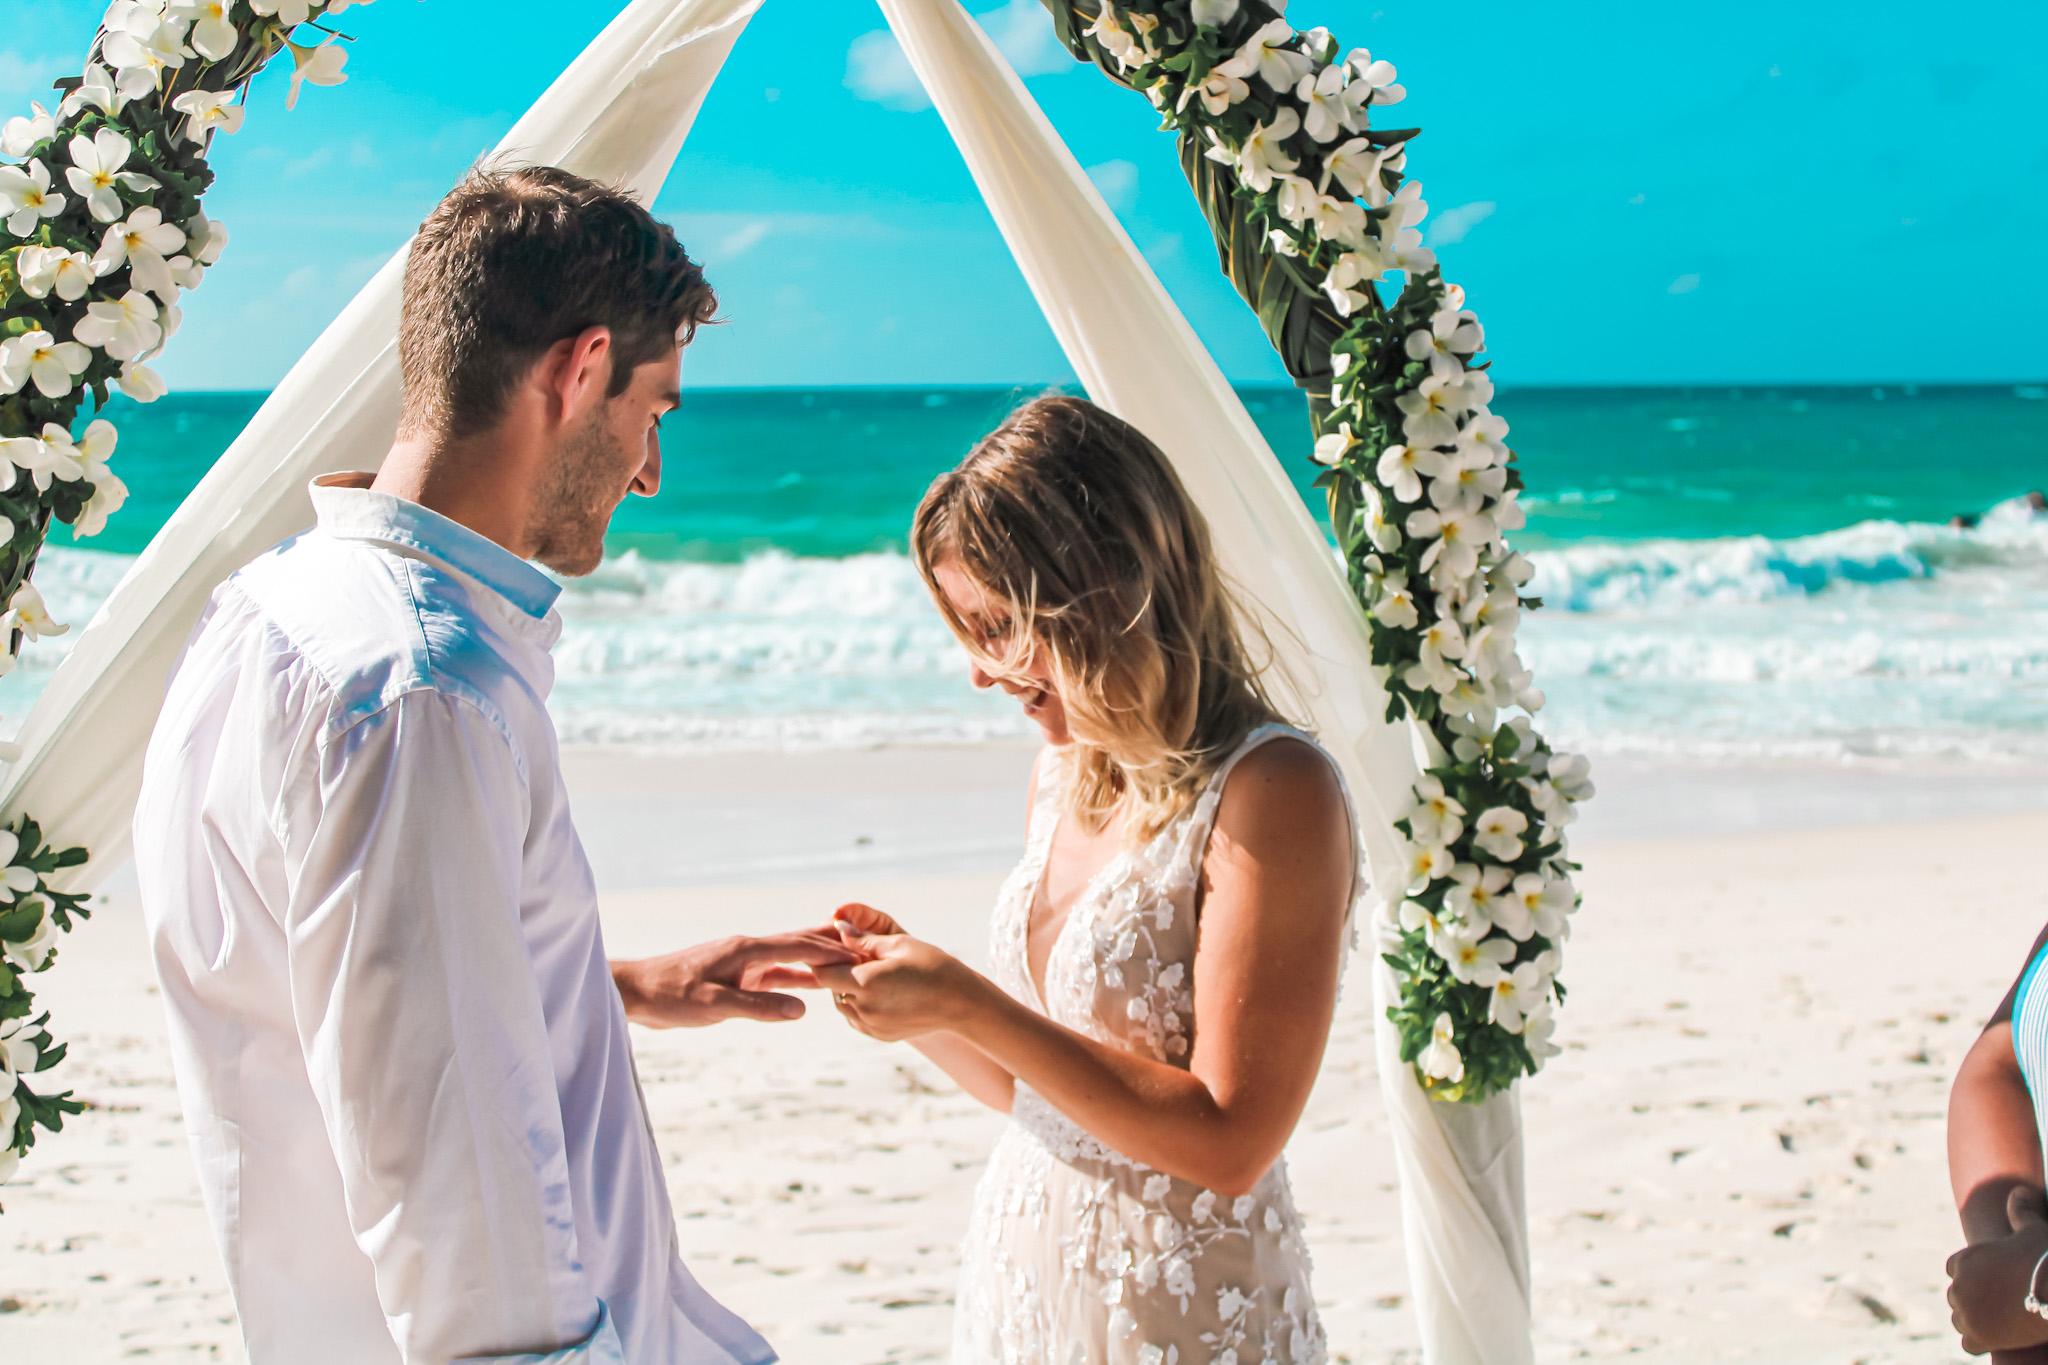 חתונה אזרחית בסיישל, ככה זה נראה